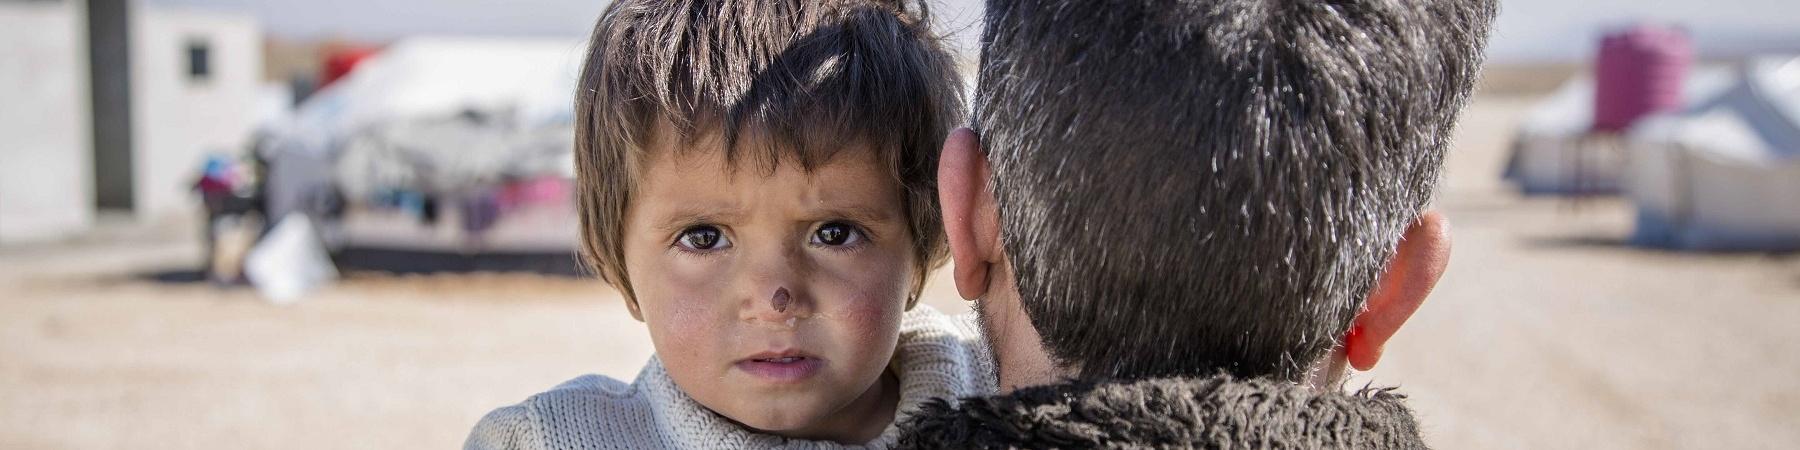 bambina siriana in braccio al papà di spalle